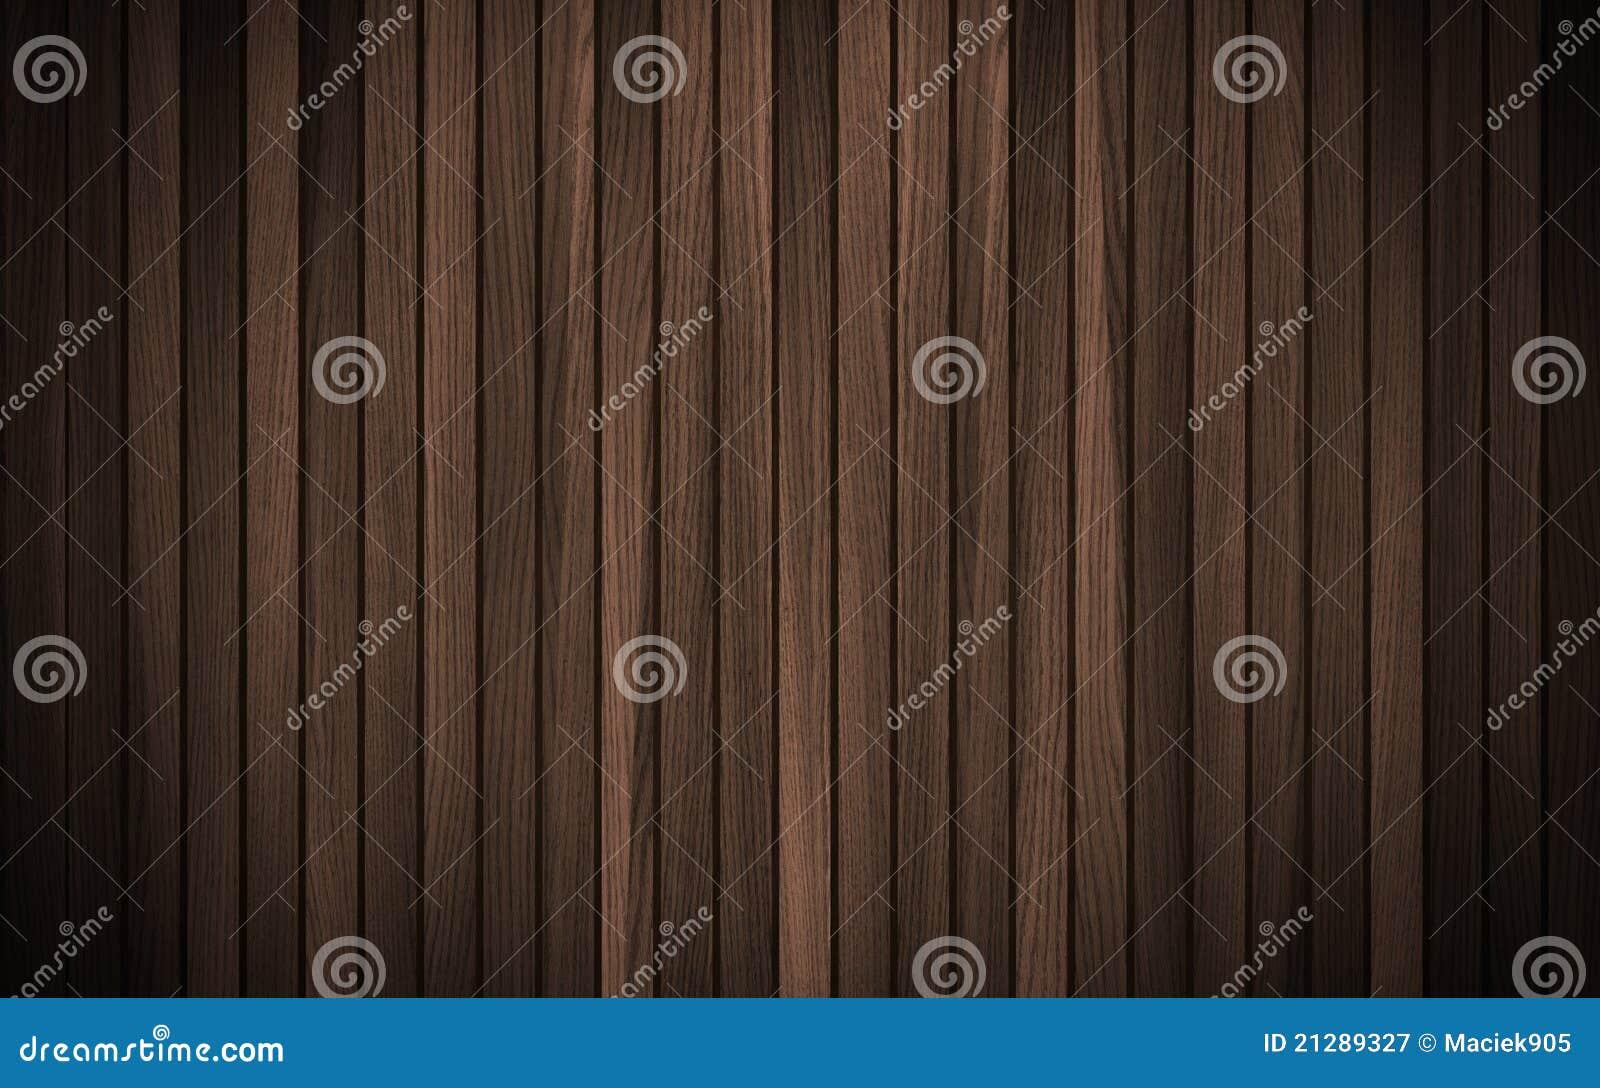 楼层纹理铺磁砖木